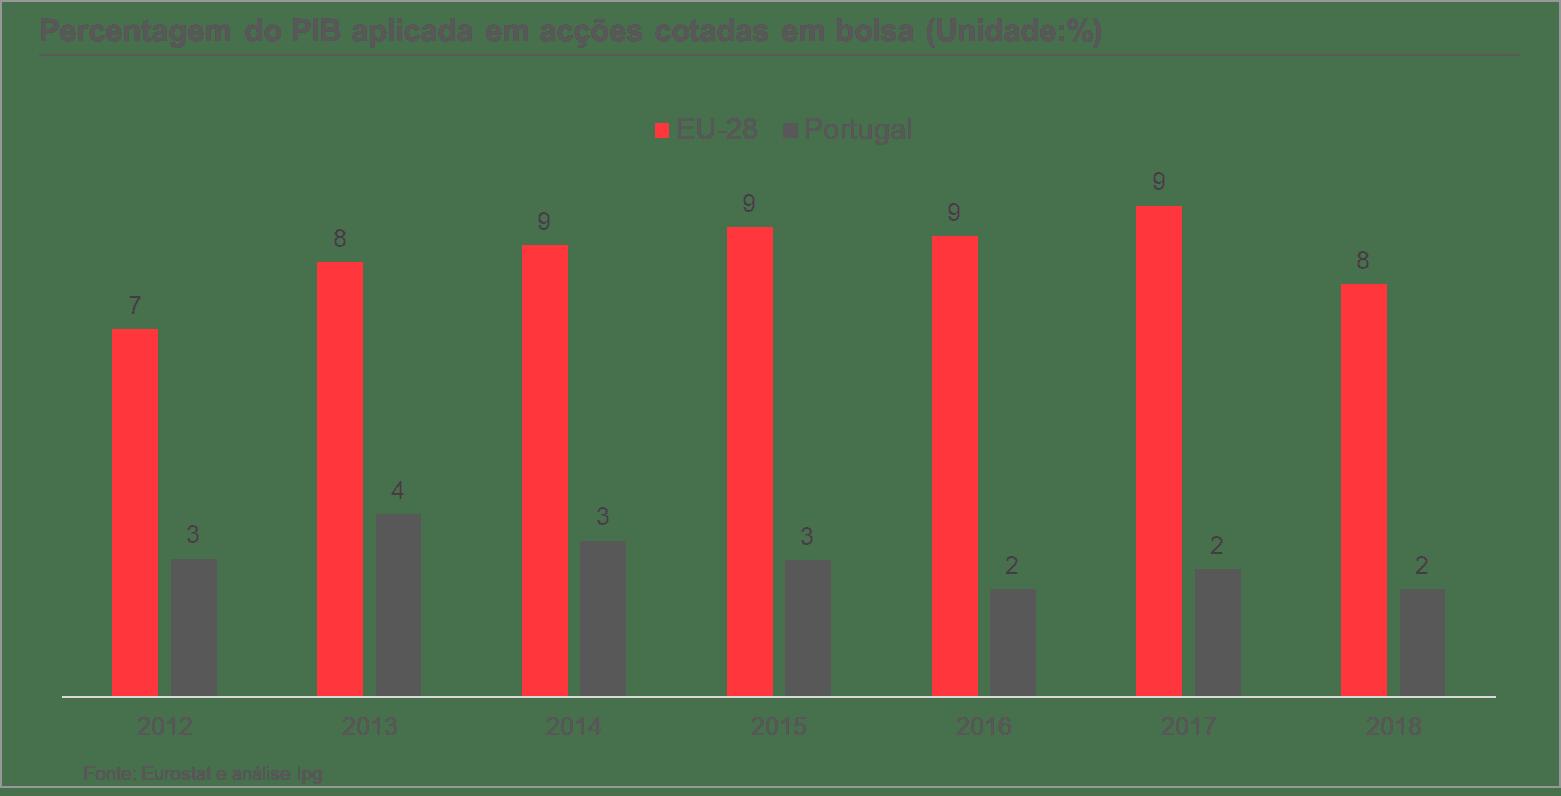 gráfico percentagem do PIB aplicada em ações cotadas em bolsa